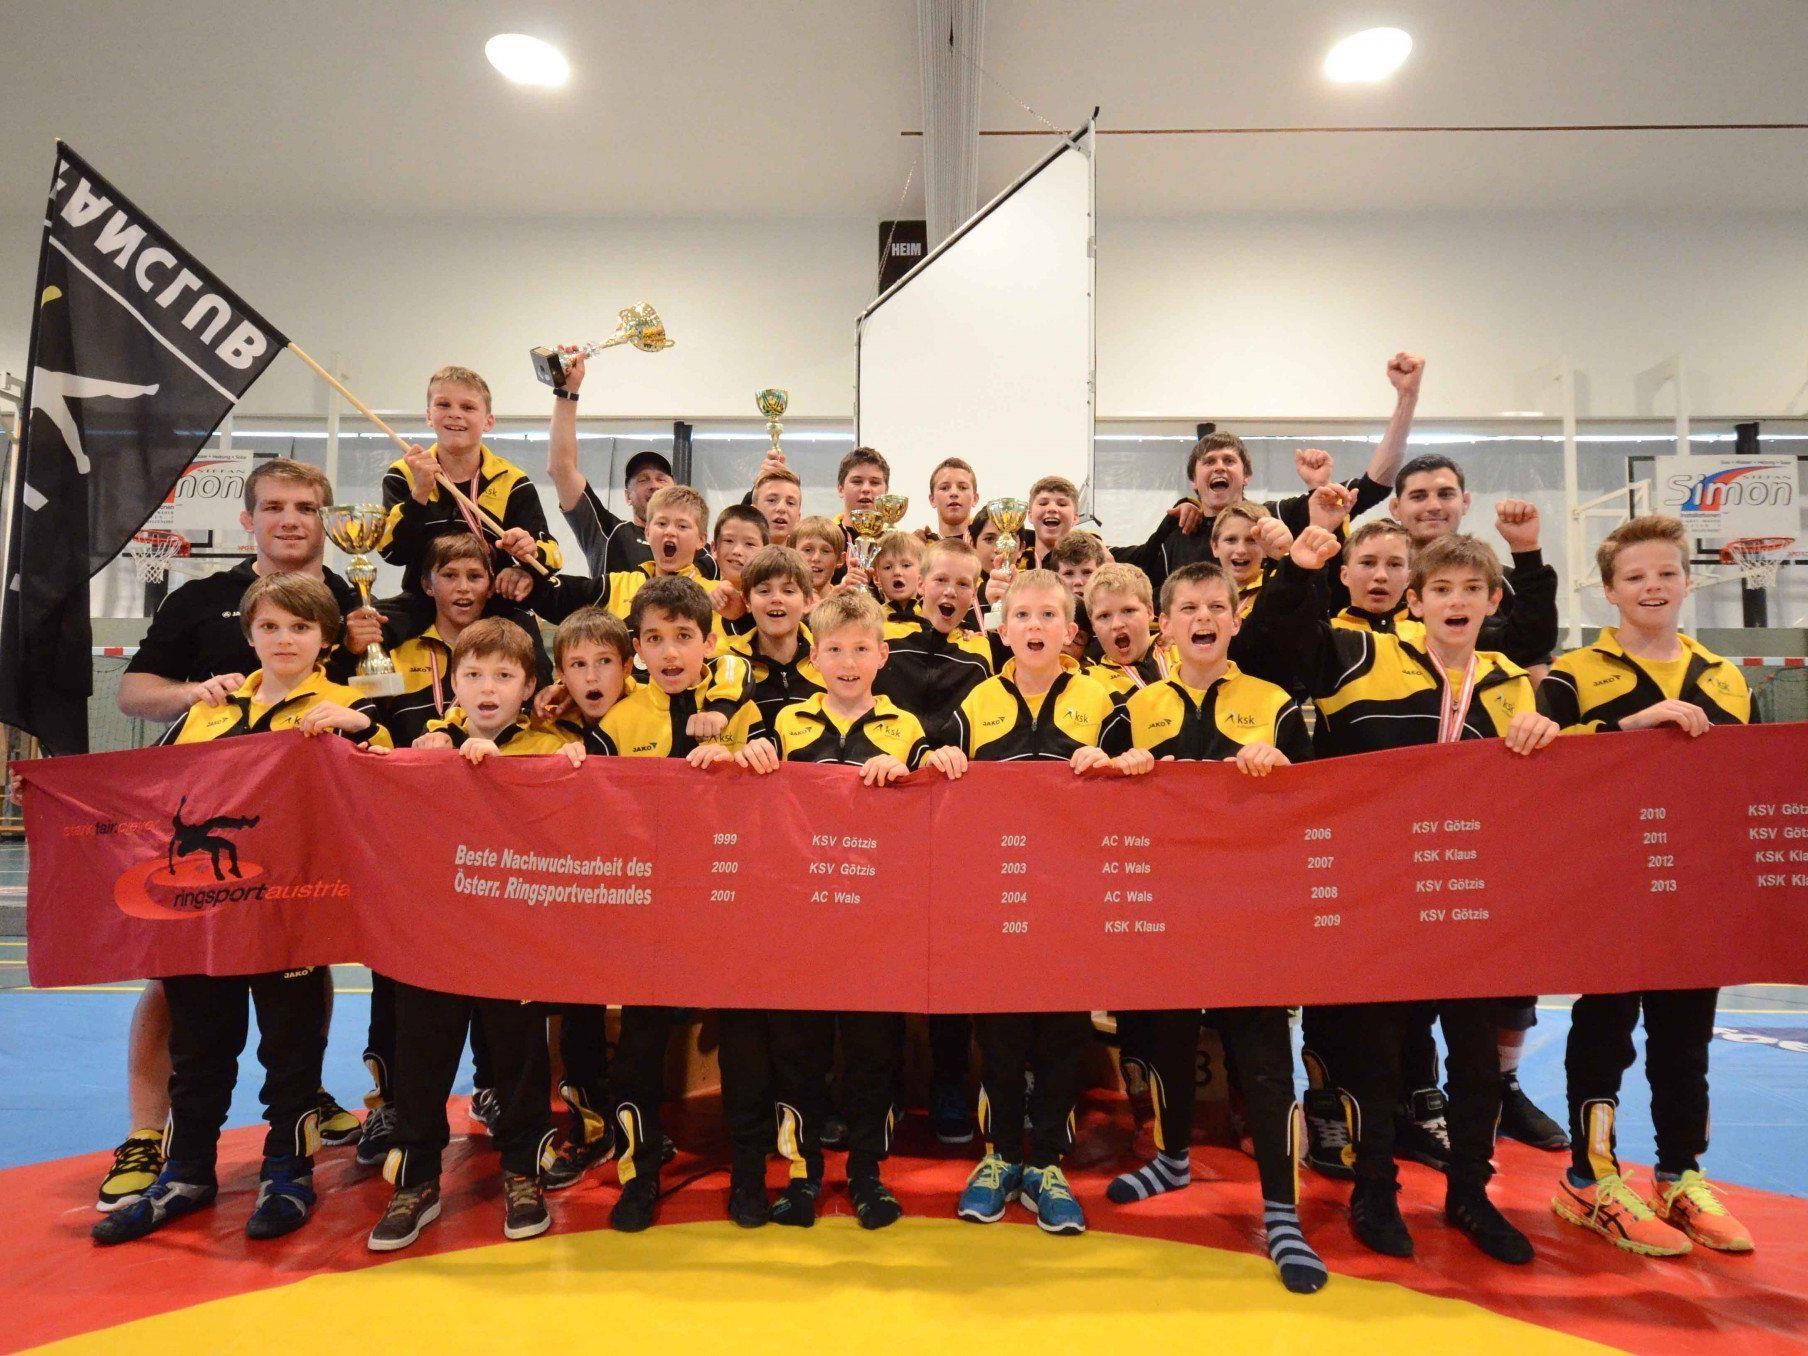 KSK Klaus holt elf Medaillen bei den Titelkämpfen in Mäder.